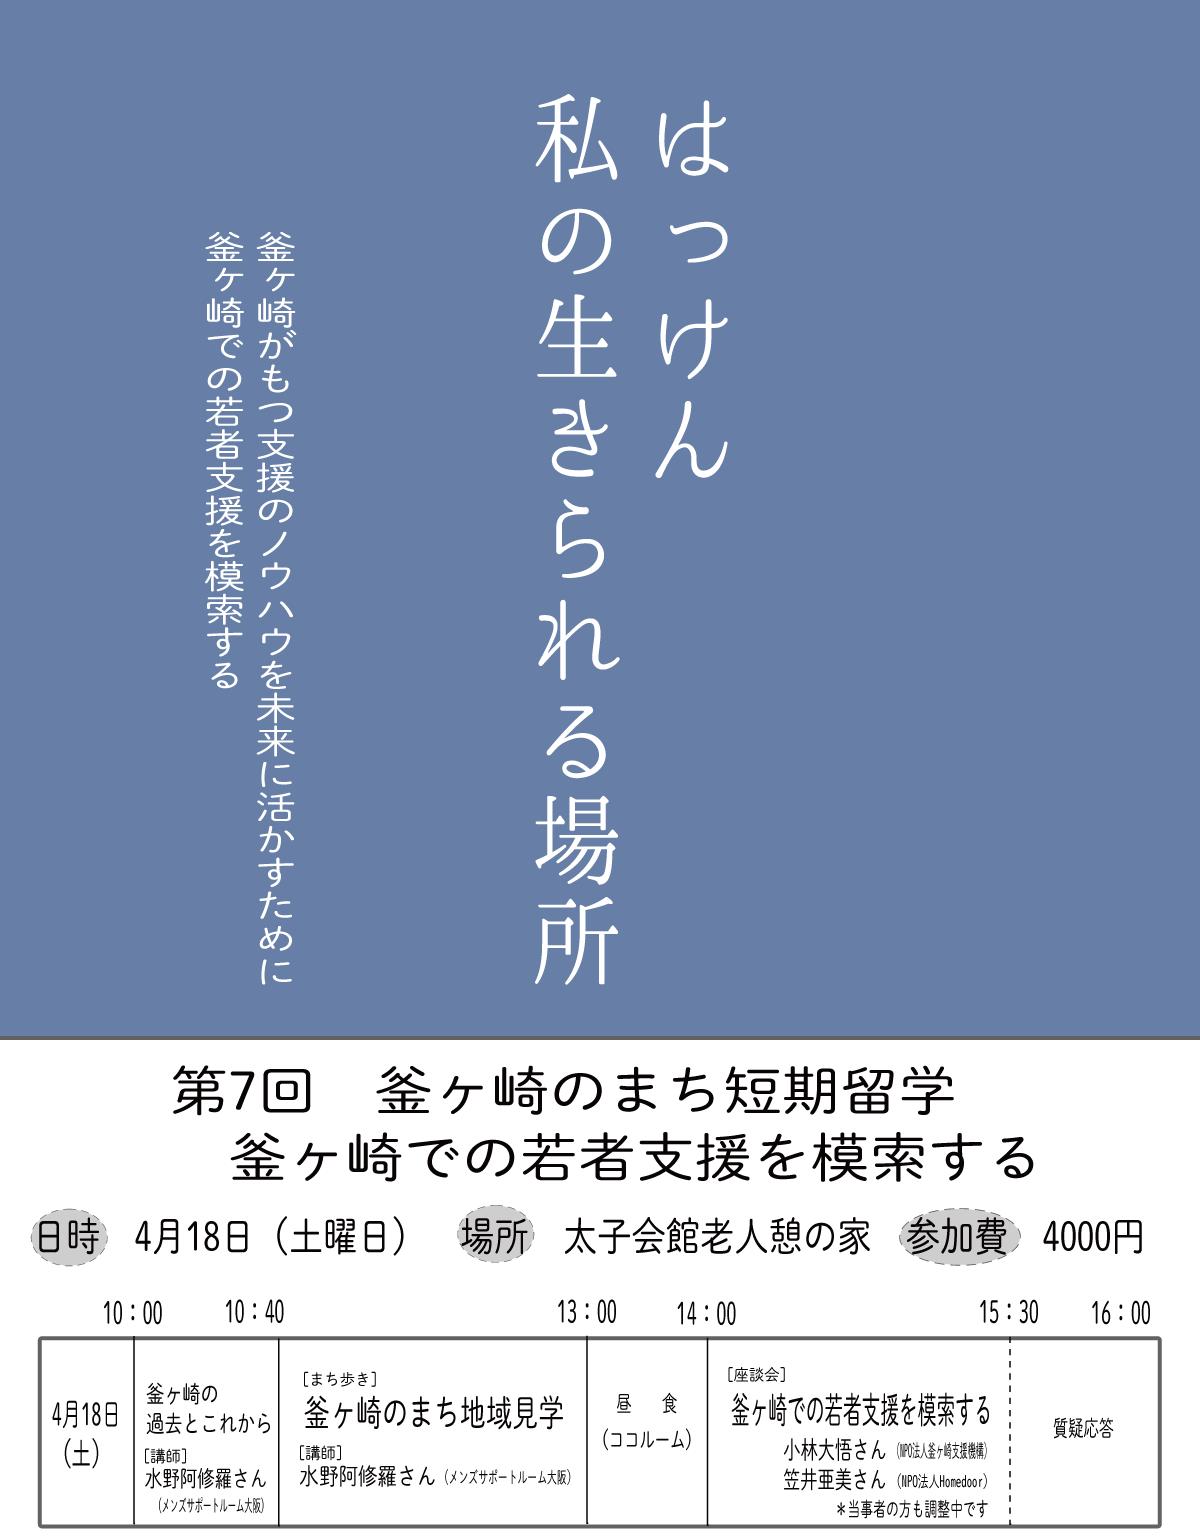 http://www.sosyaken.jp/hiroba/news/2020/03/16/attachments/2020_kama-.png